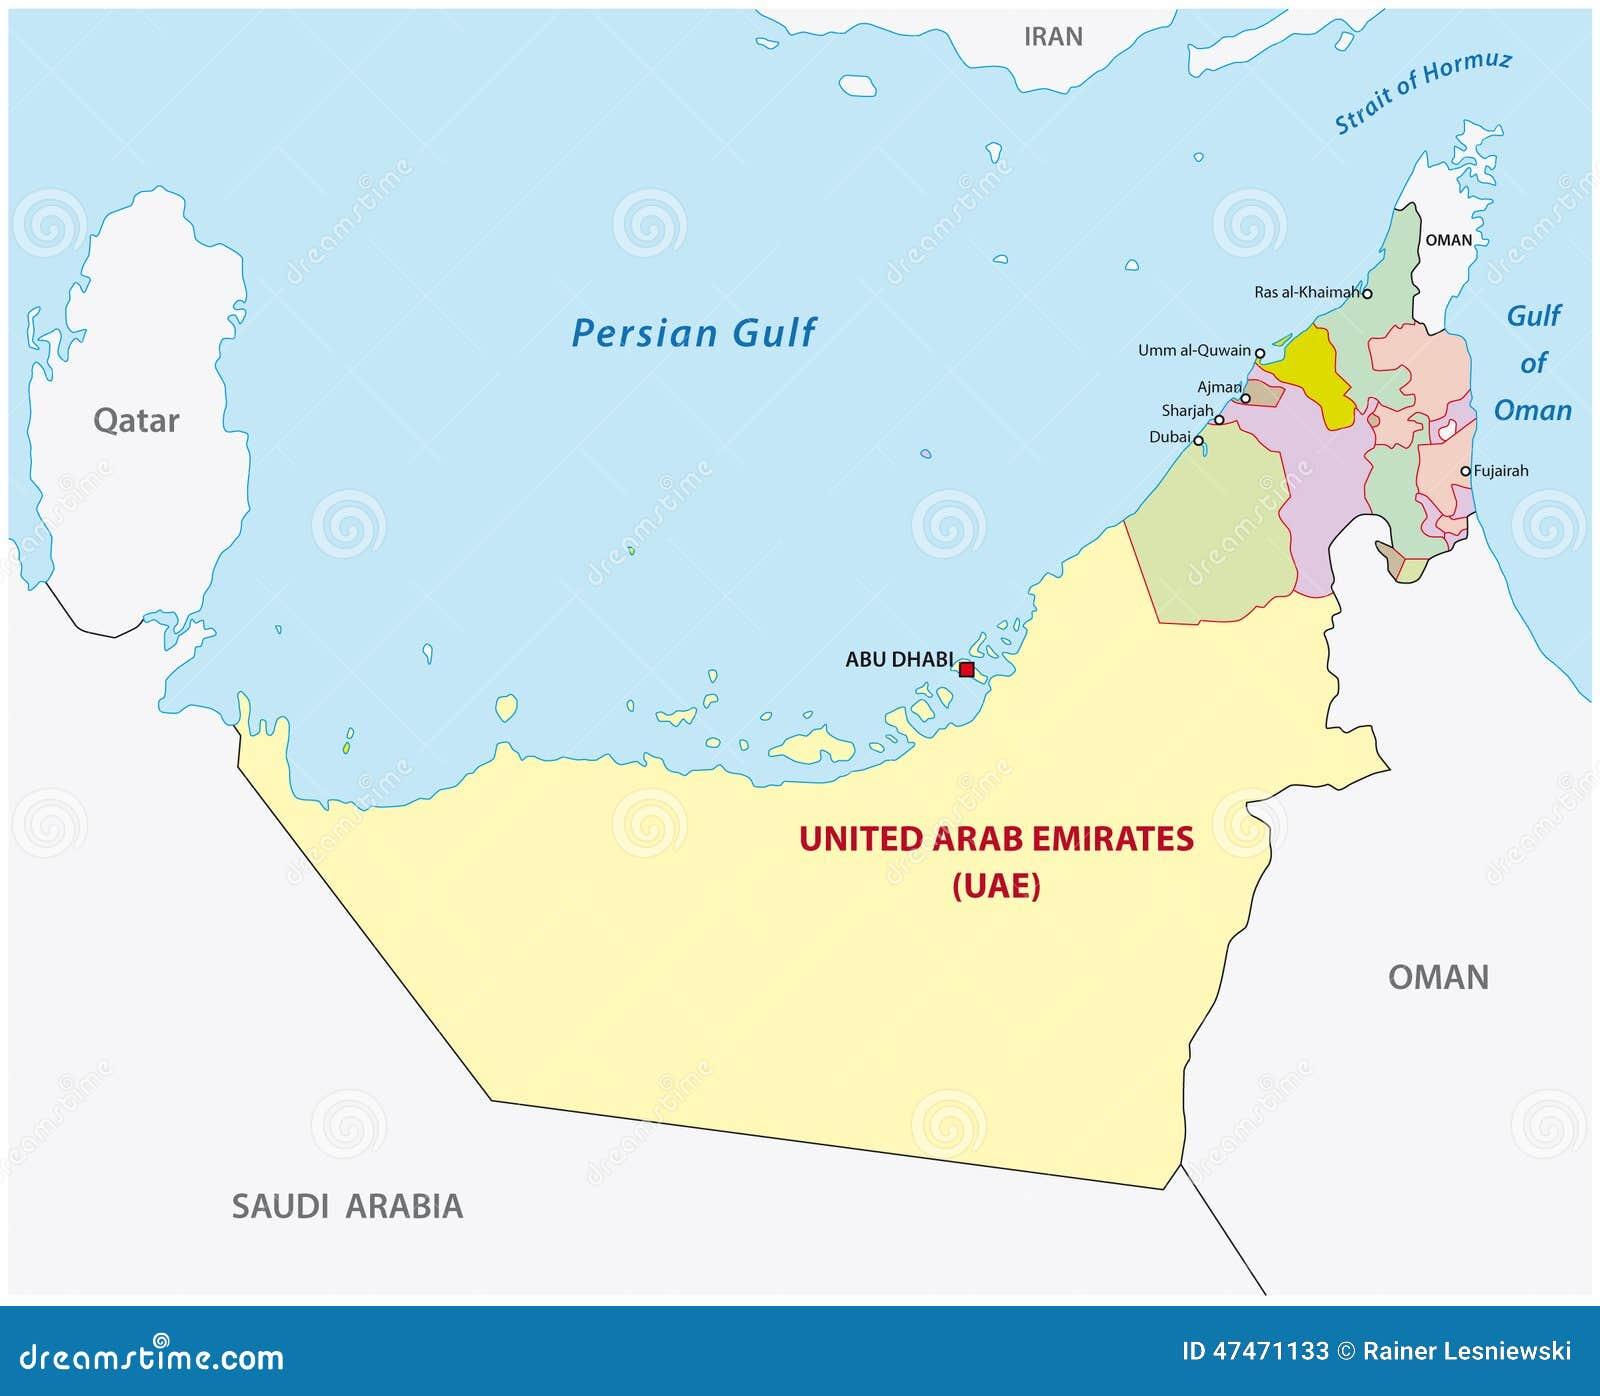 Maps Update 20001193 Uae on Map United Arab Emirates Maps 79 – Map of United Arab Emirates